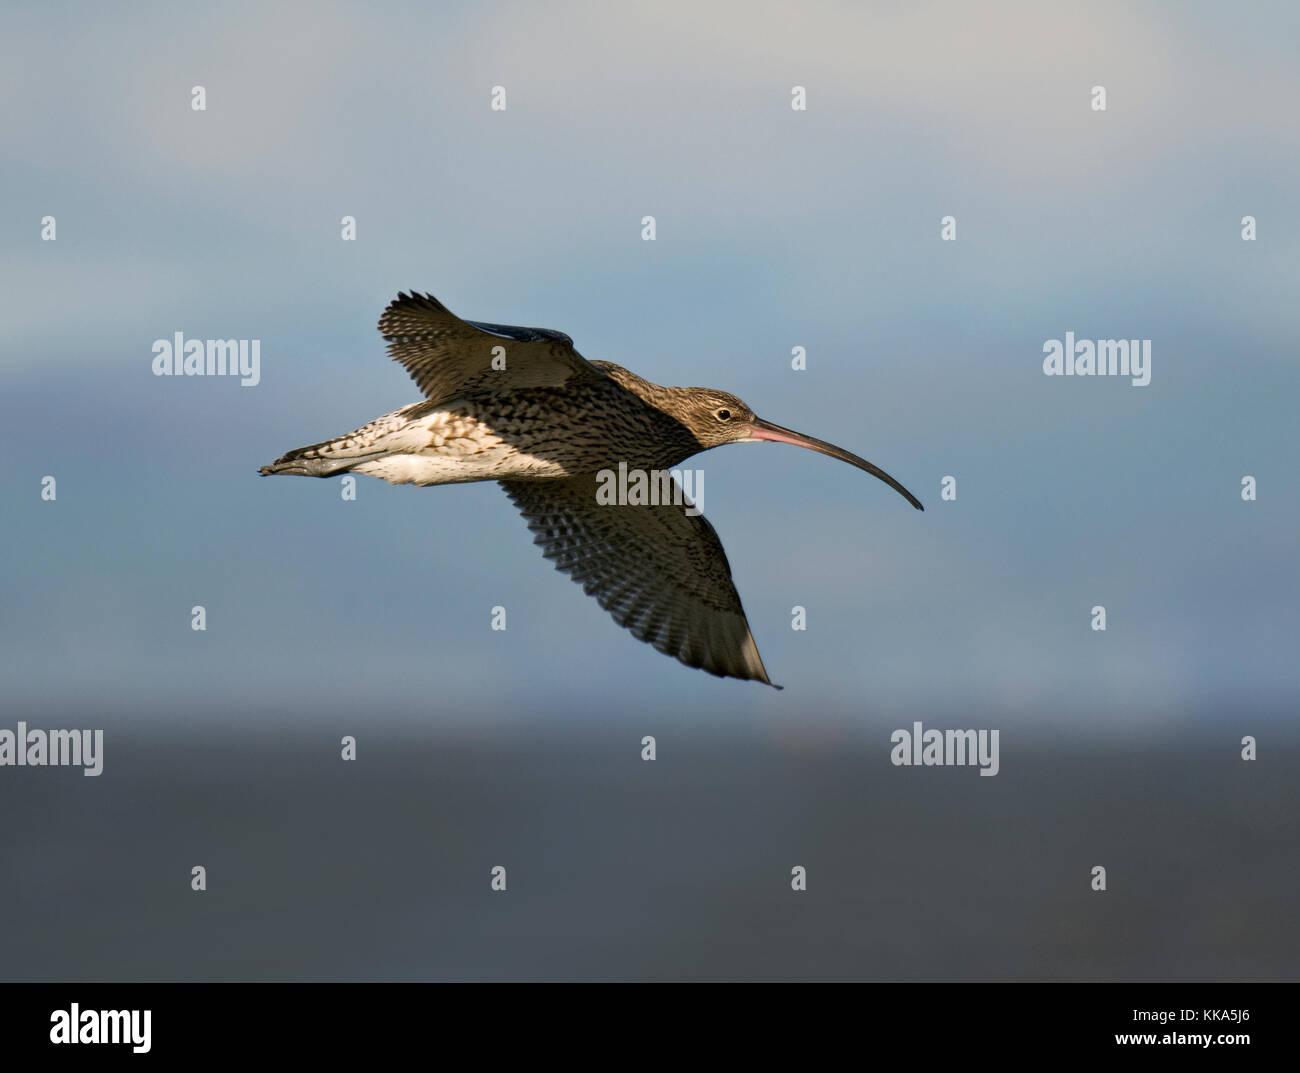 Curlew, Numenius arquata, in flight, Morecambe Bay, Lancashire, UK Stock Photo